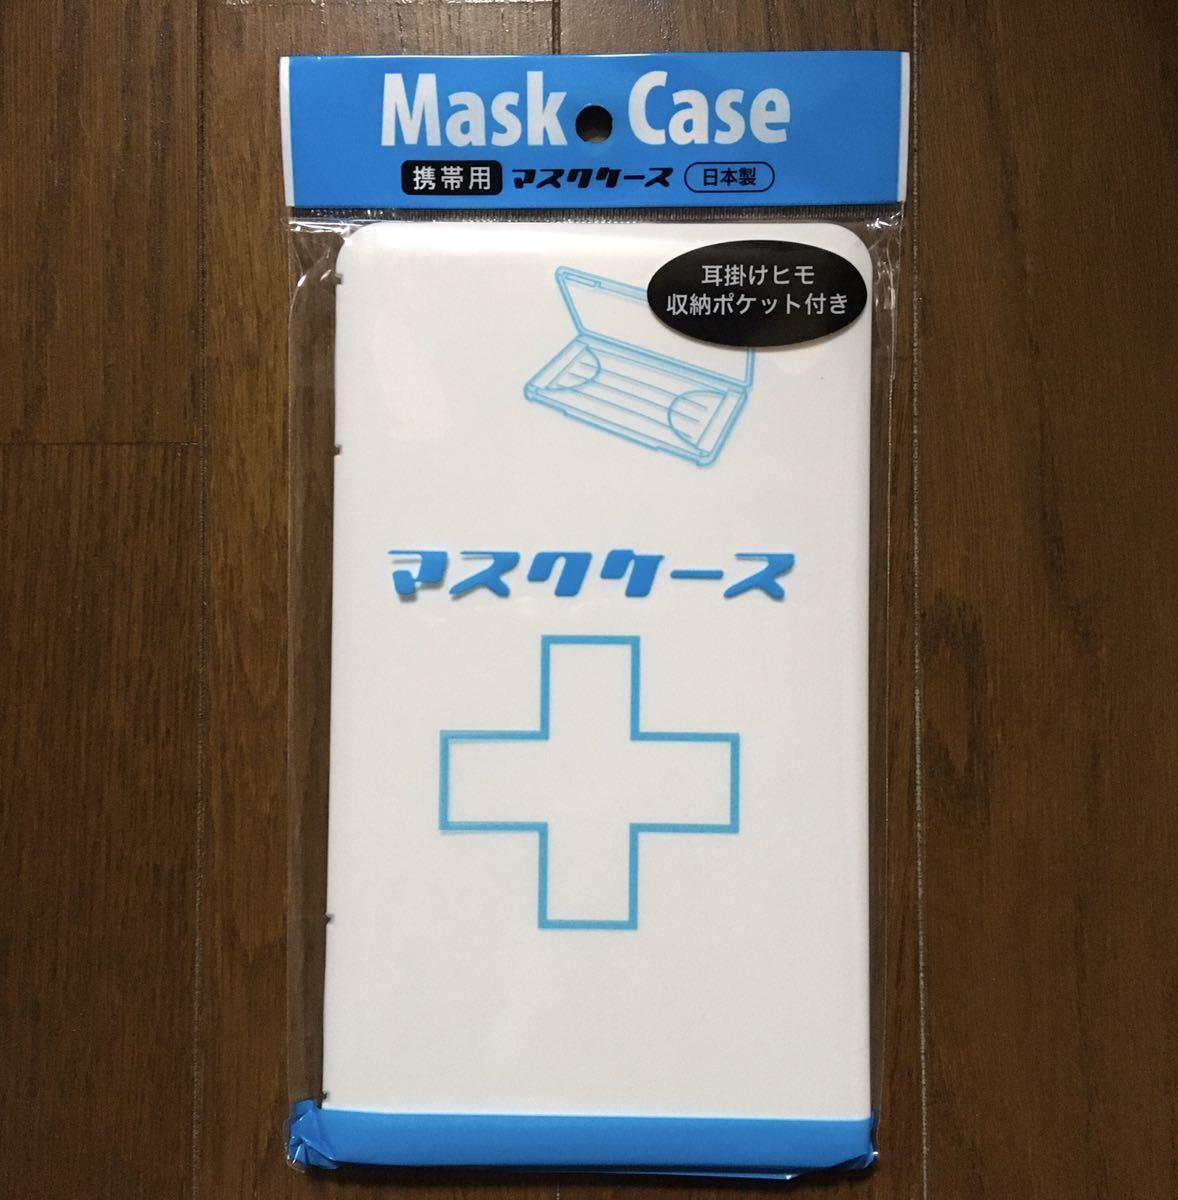 新品未開封☆携帯用マスクケース☆耳掛けヒモ収納ポケット付き☆日本製☆マスクを清潔に保つマスクケース☆激安_画像1